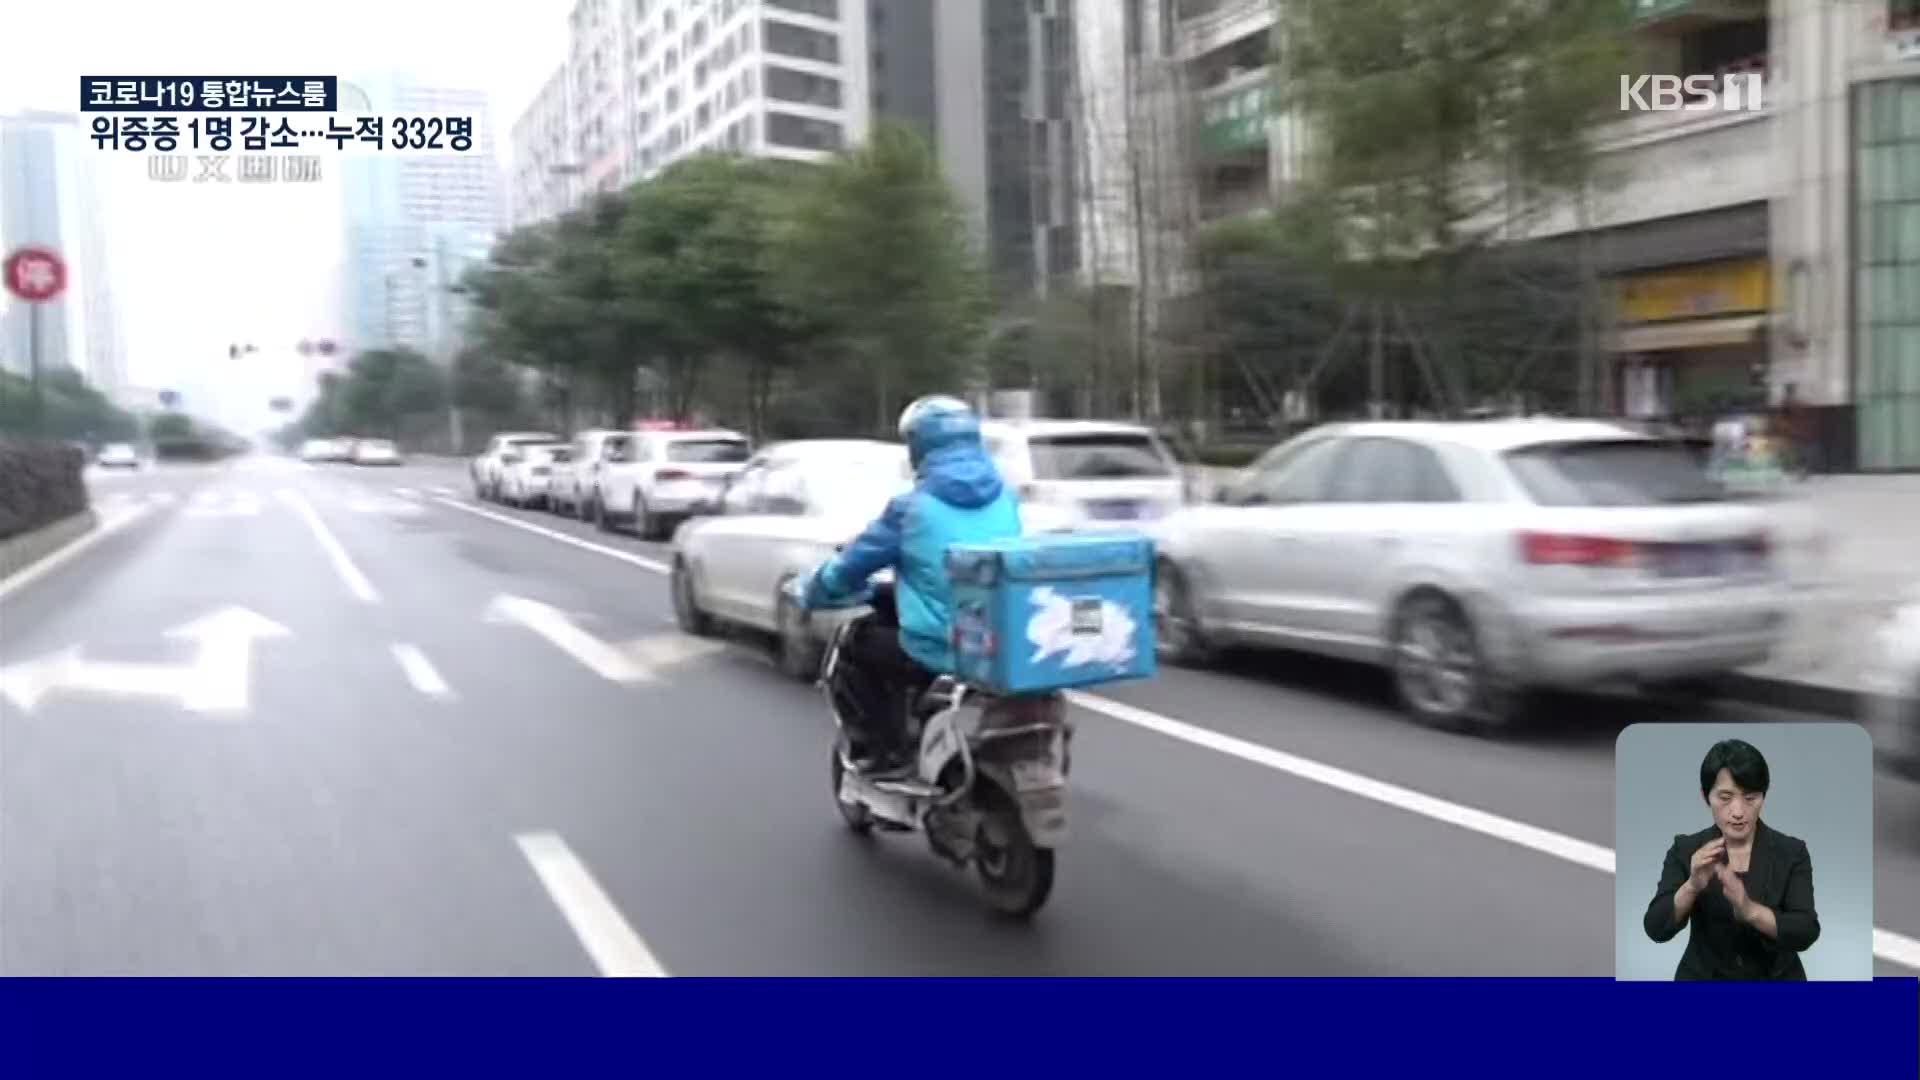 중국, 배달 서비스 산업 쾌속 성장 중!